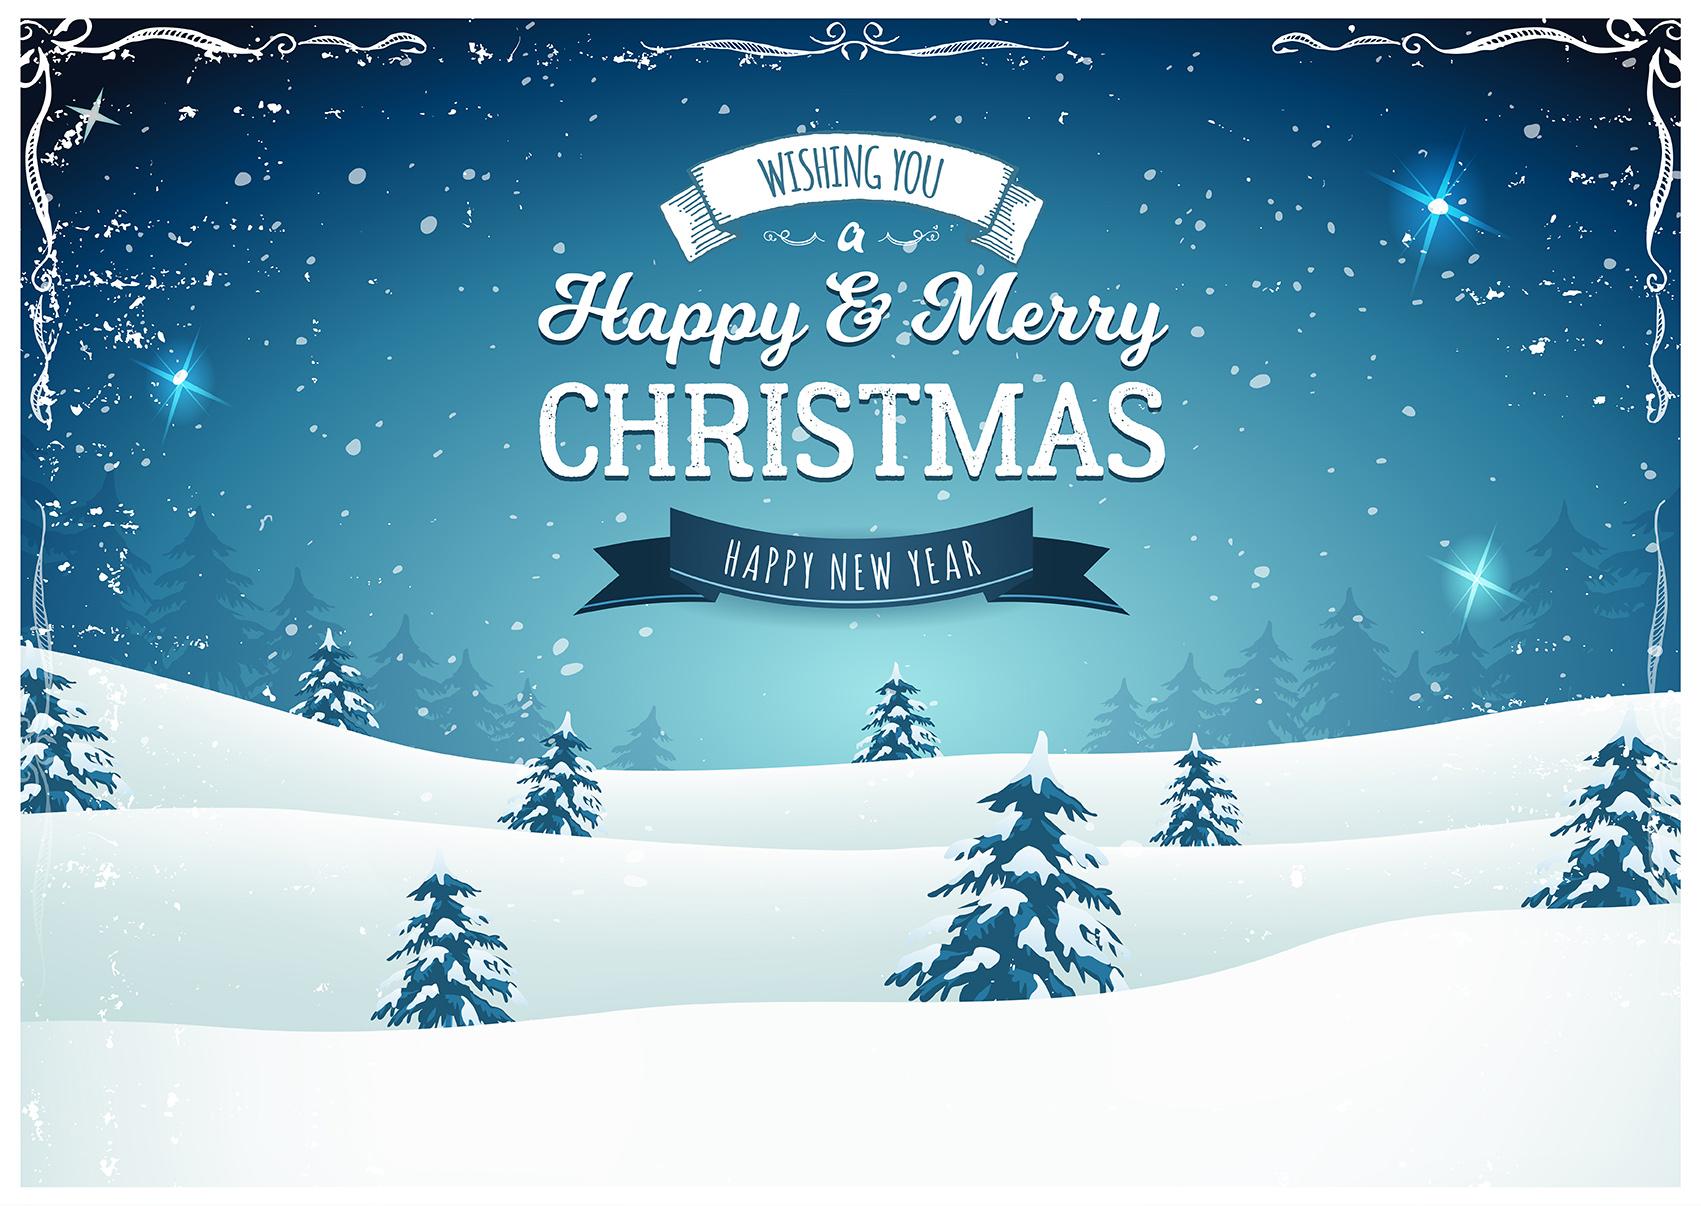 Vintage Christmas Landscape Background - Download Free Vector Art ...